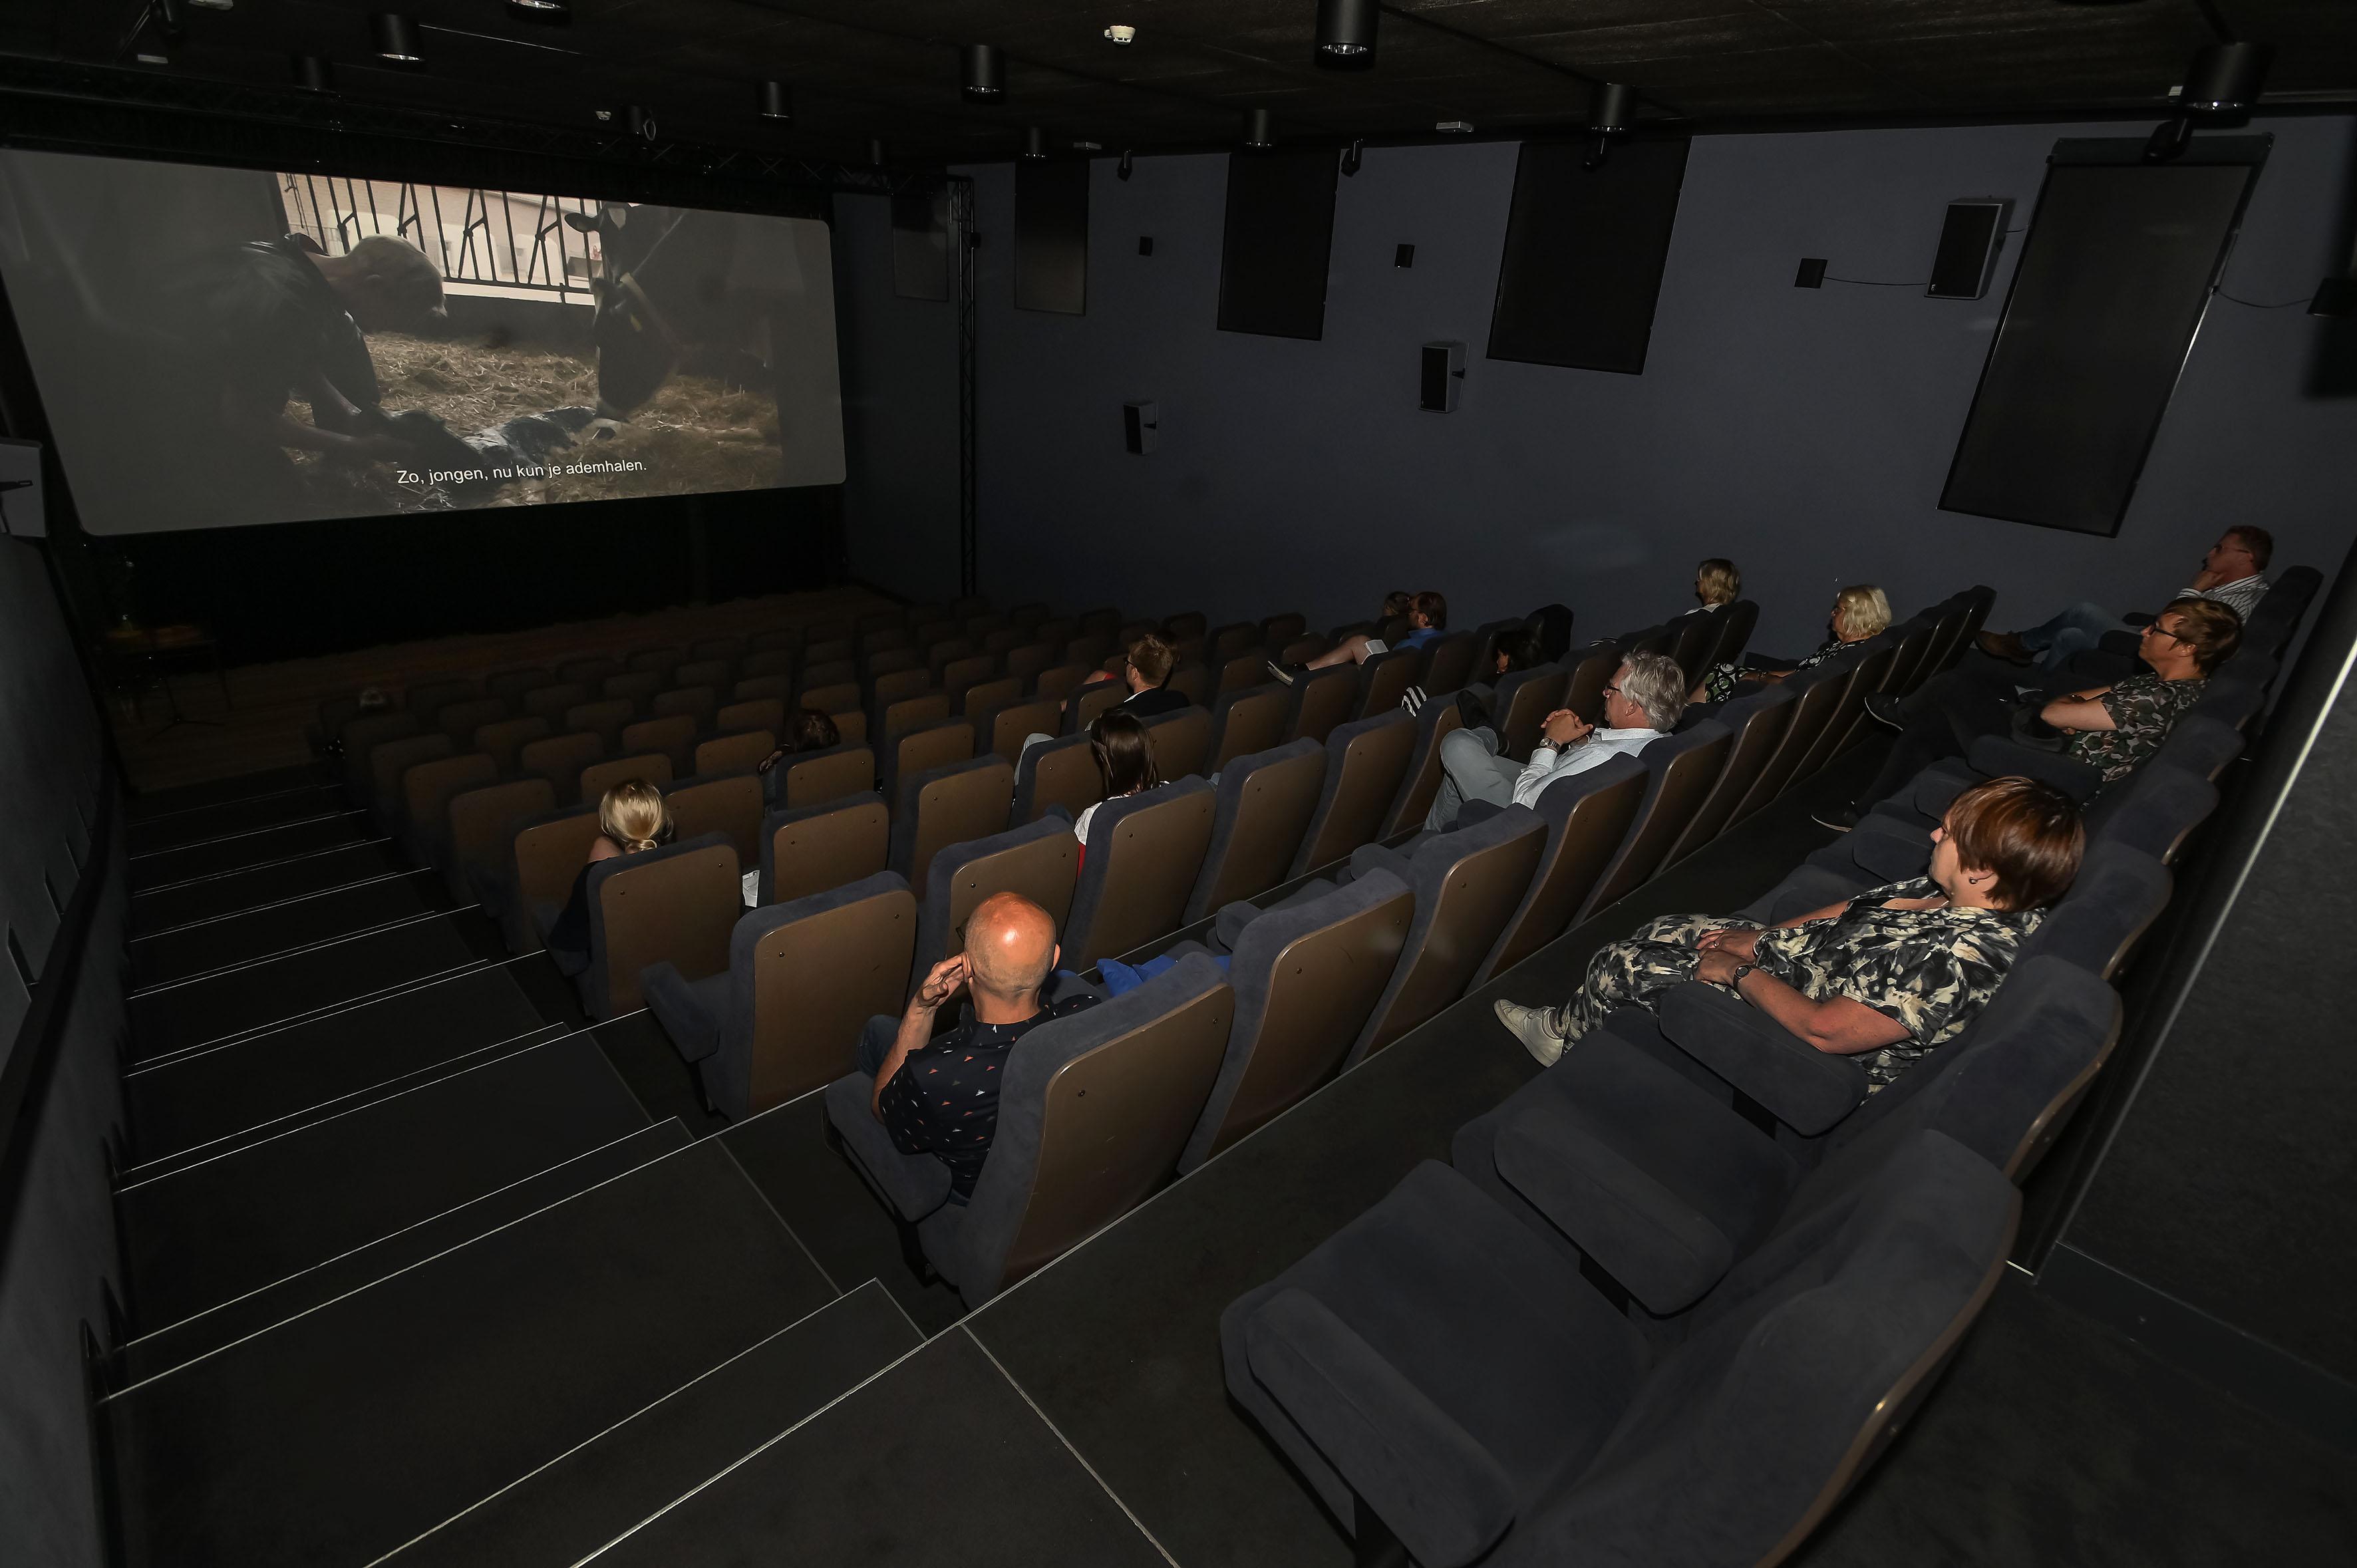 Directeur Cinema Oostereiland en Cinema Enkhuizen baalt vooral voor bezoeker van coronaregels: 'Film kreeg net weer de volle aandacht'